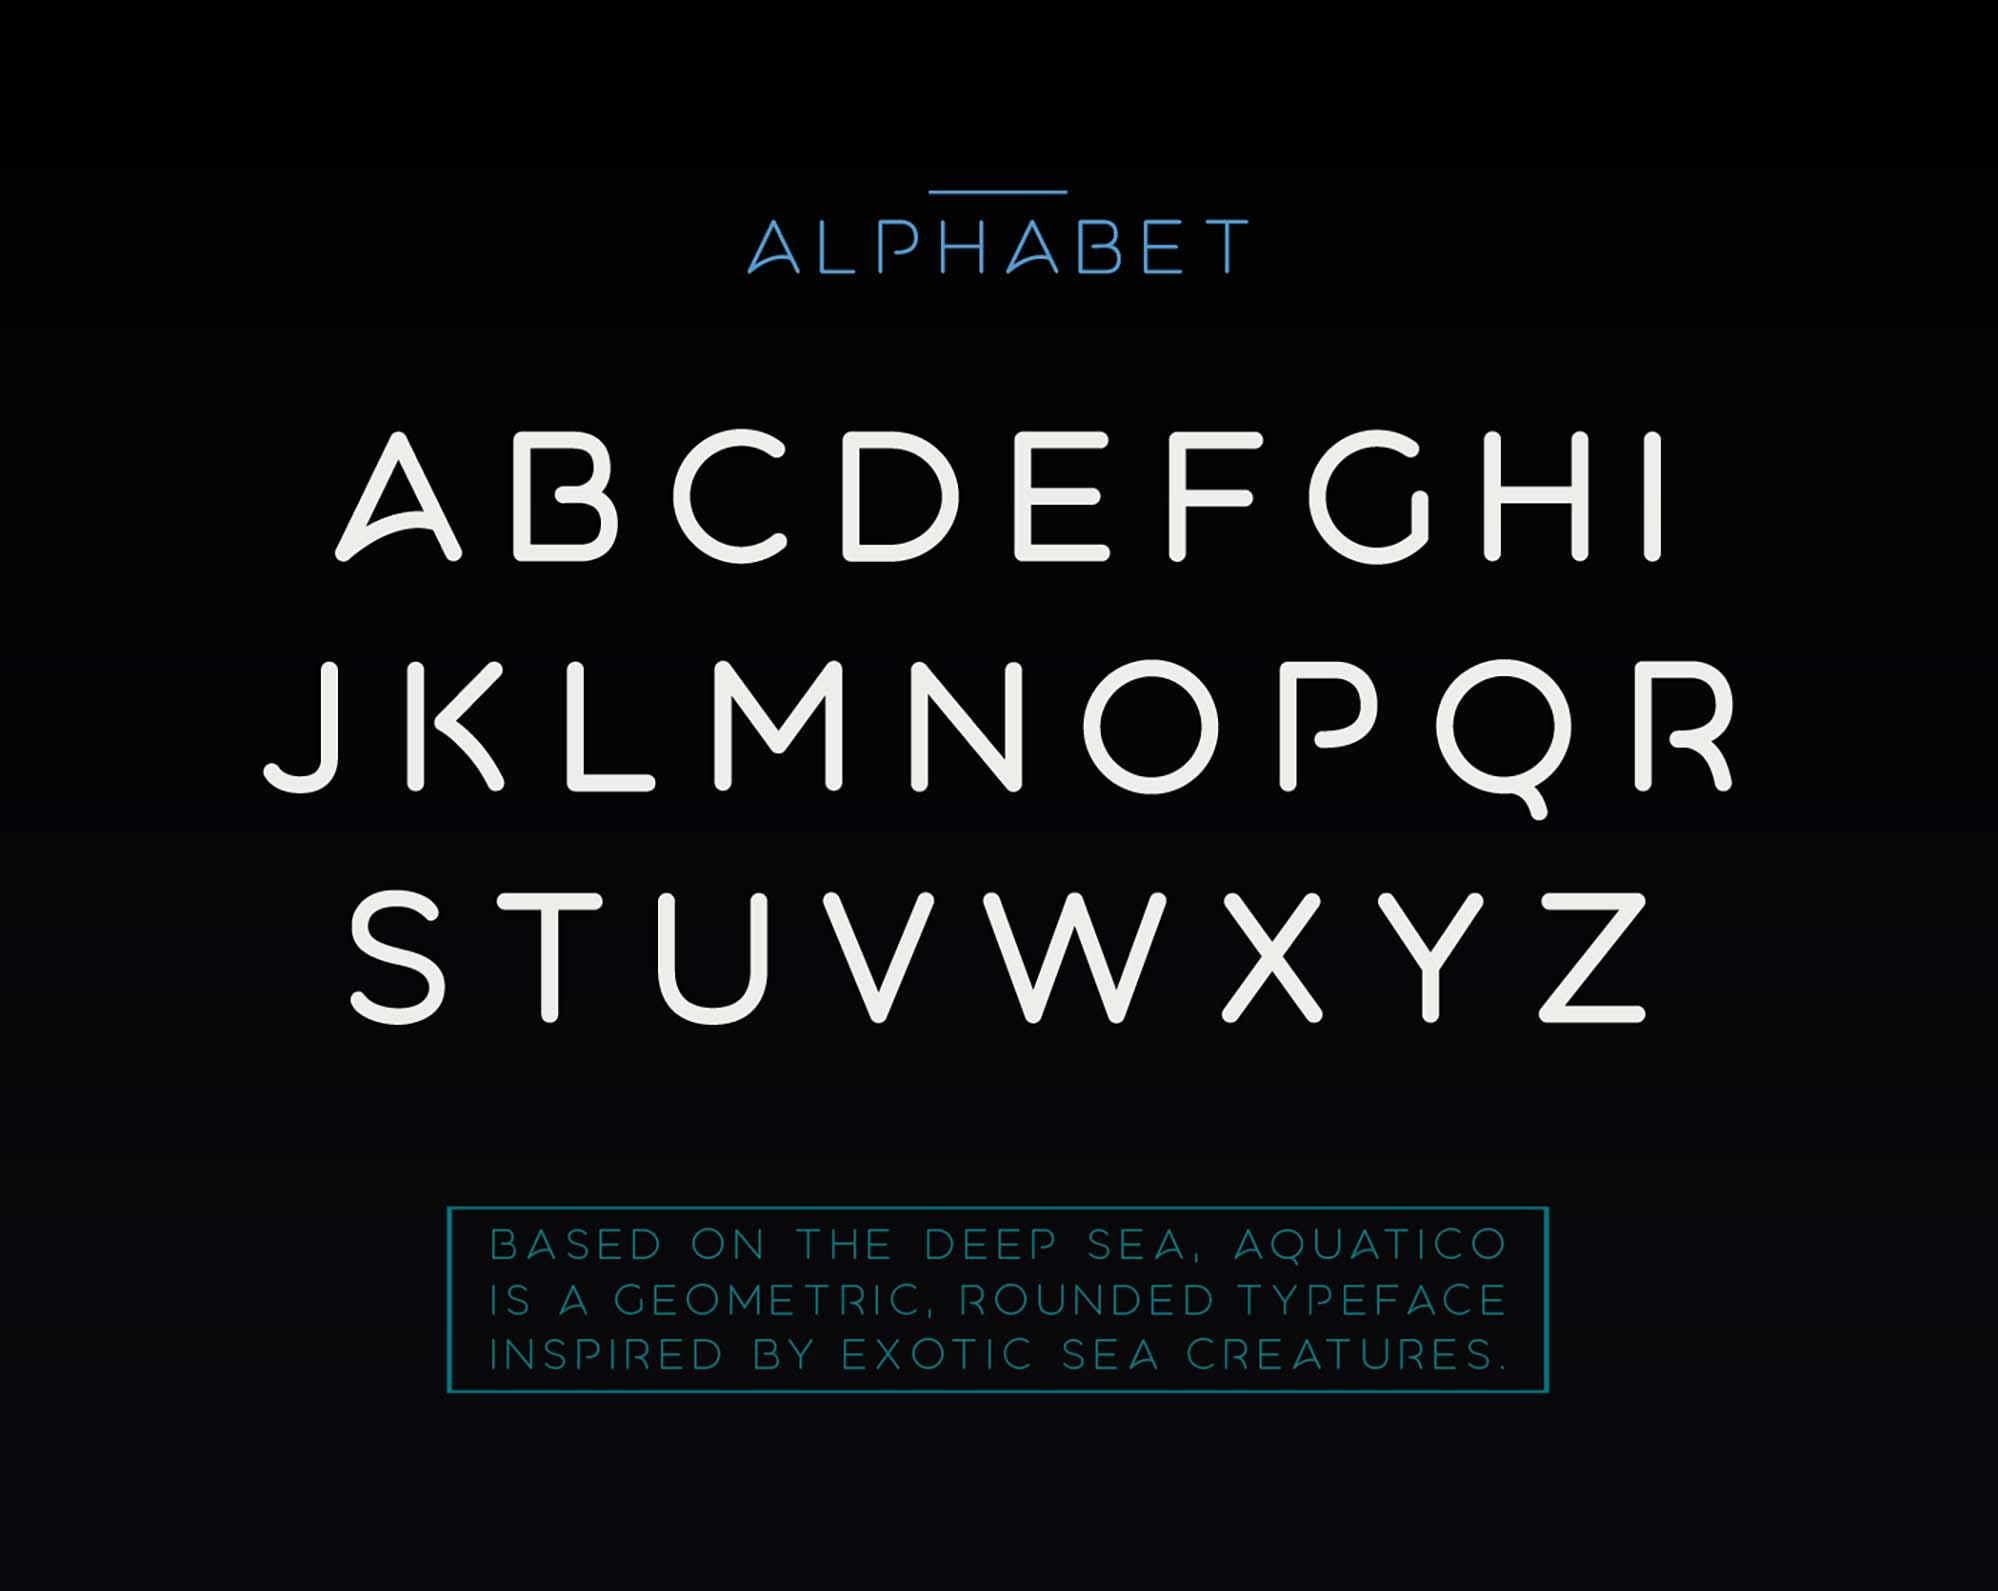 Aquatico Typeface Alphabets